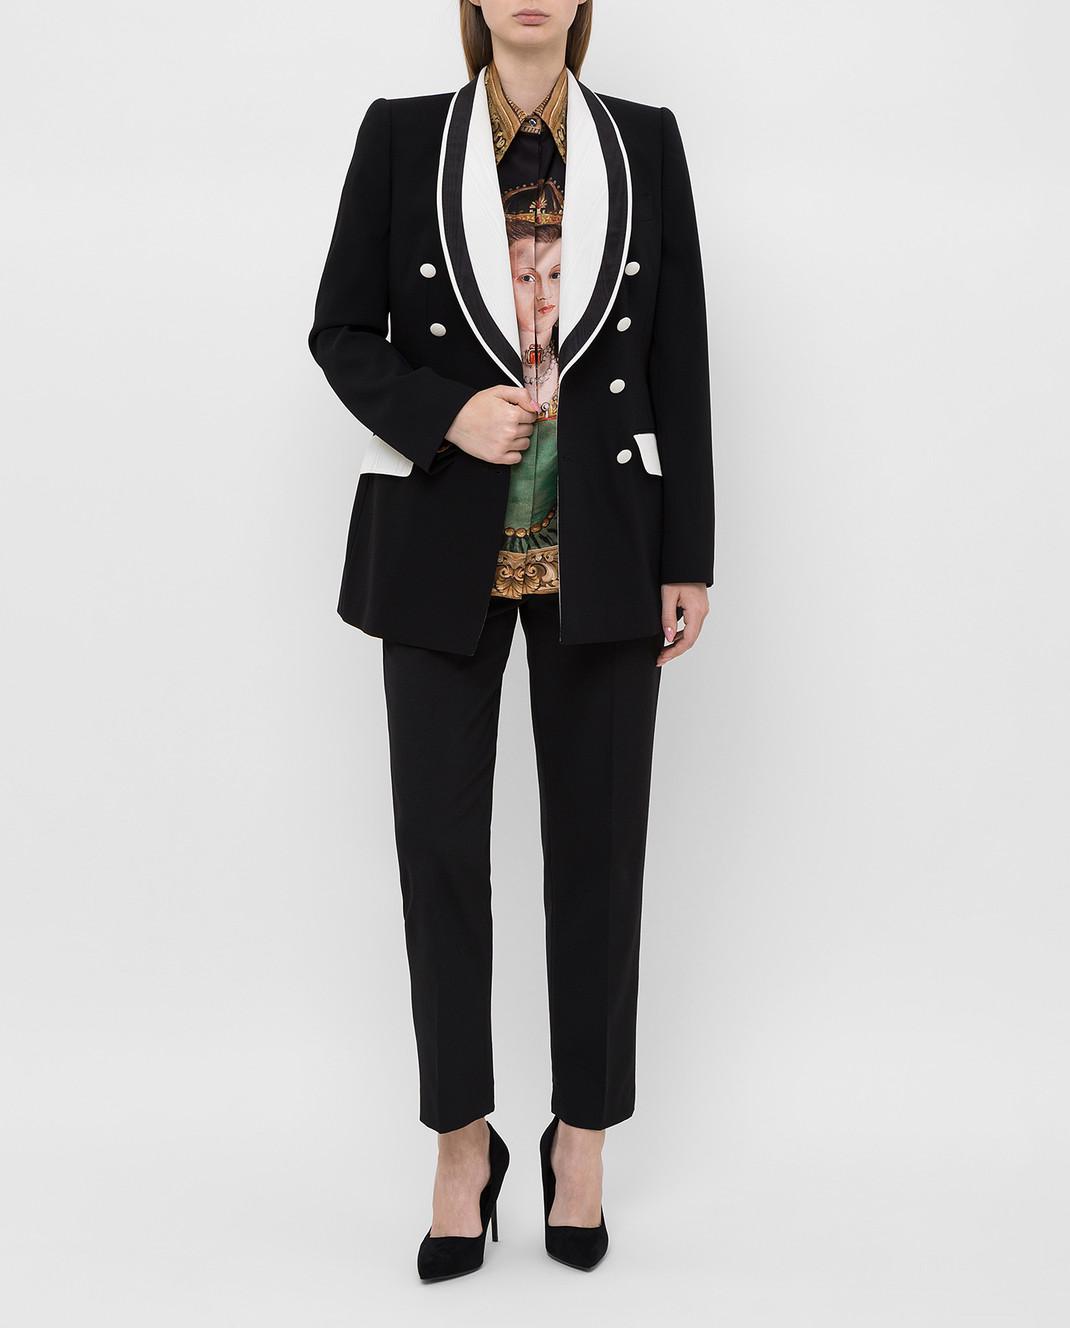 Dolce&Gabbana Черный жакет из шерсти изображение 2